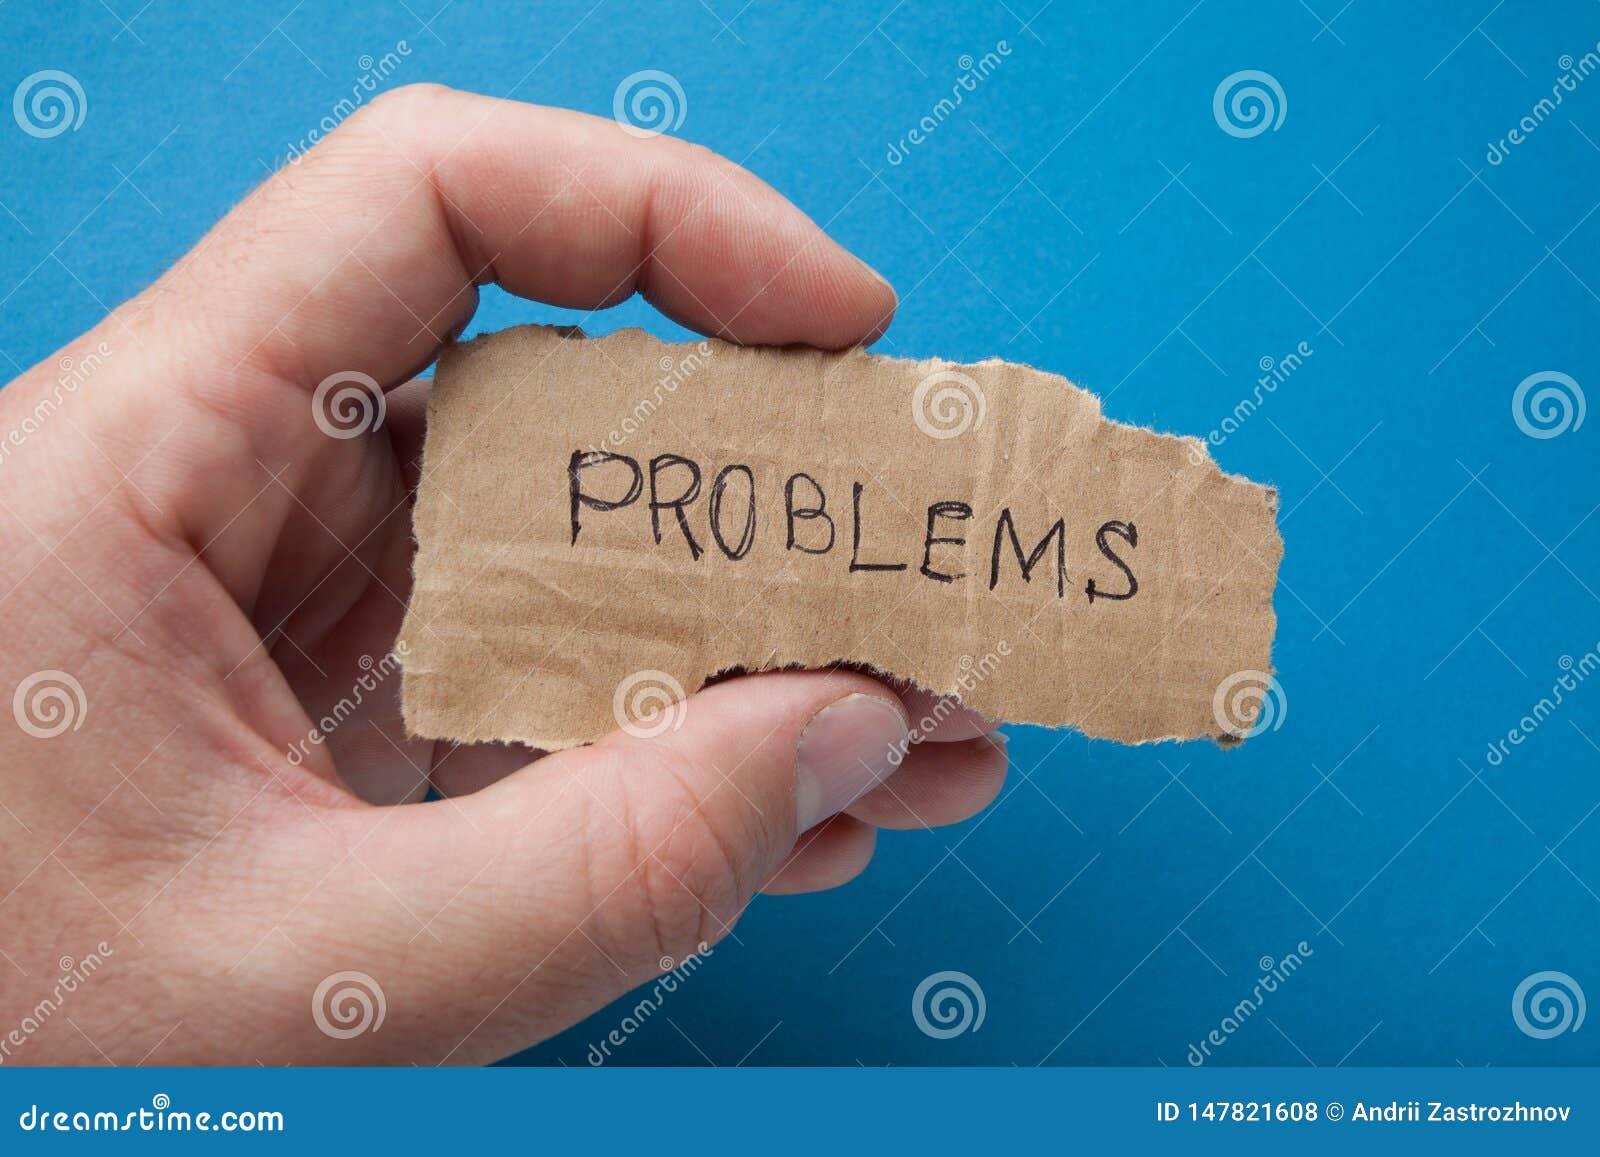 Der Probleme des Wortes 'auf einem Stück Pappe in der Hand